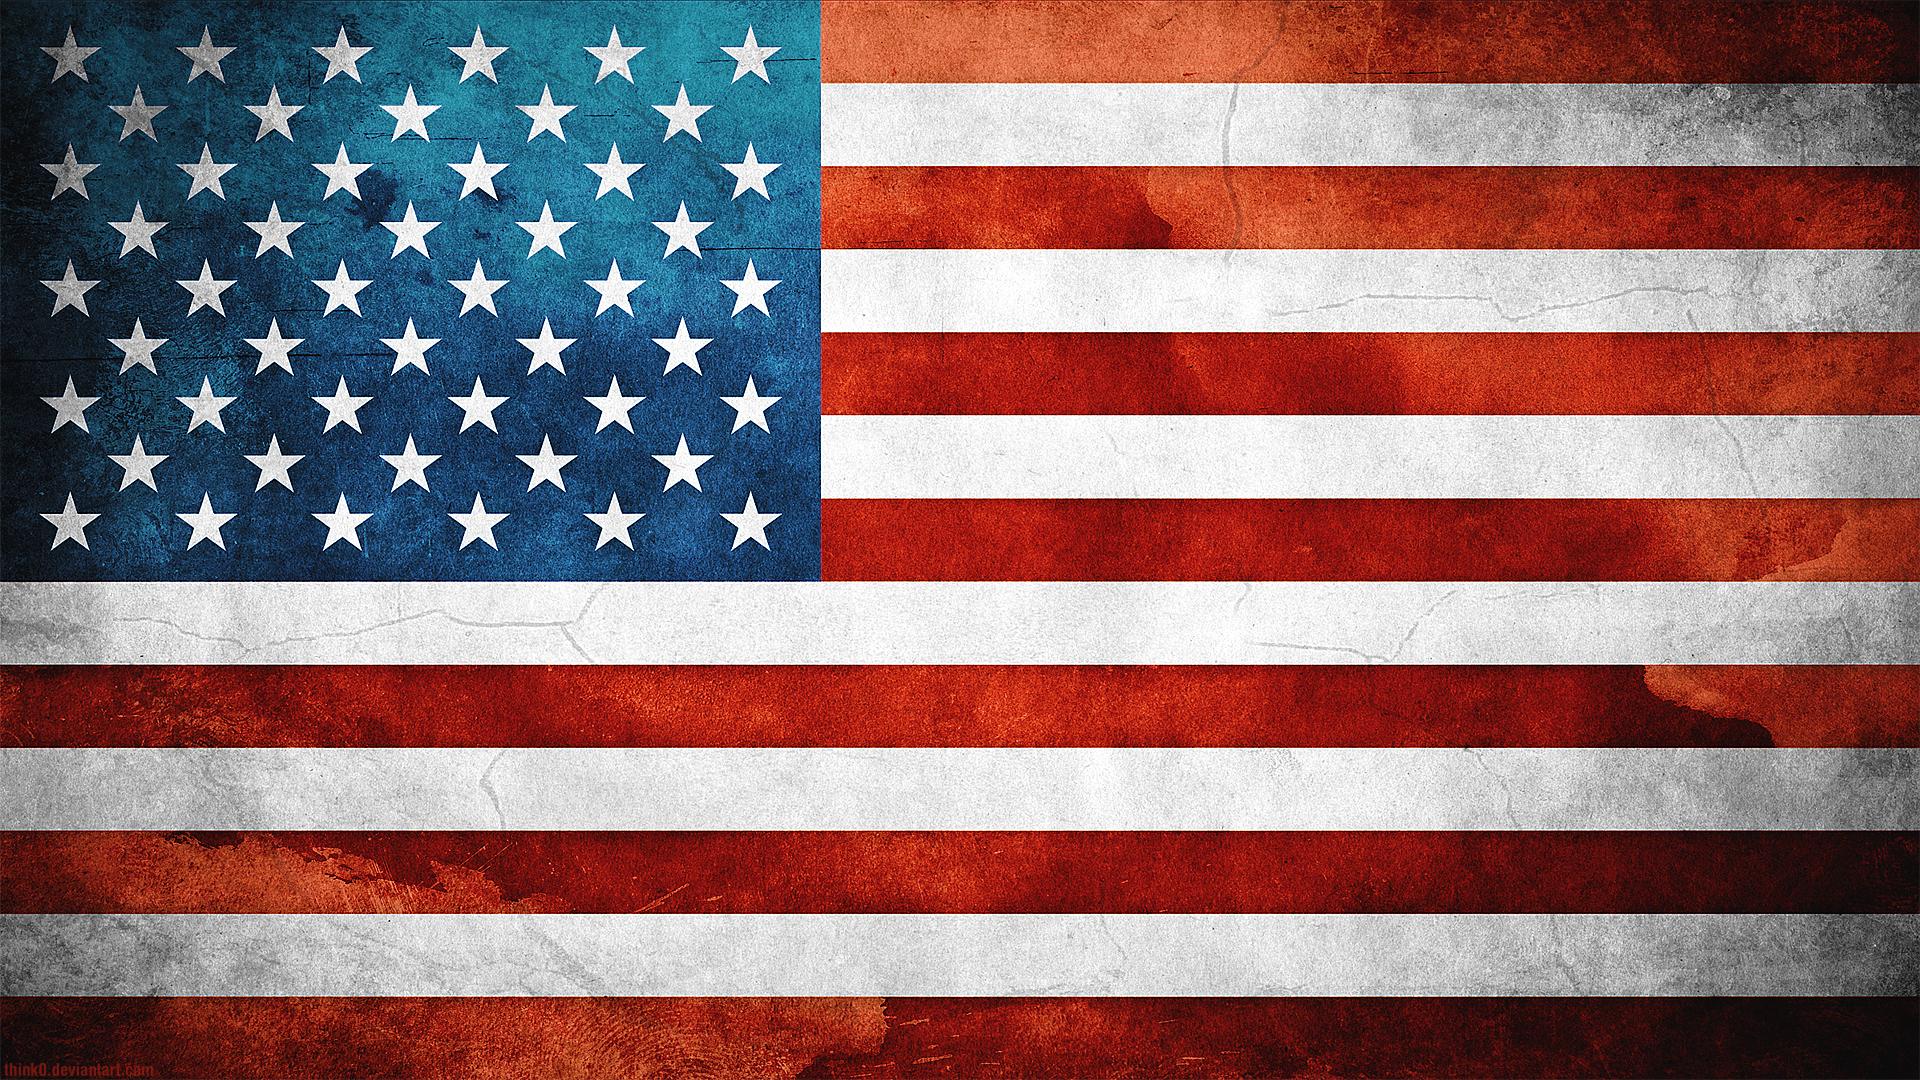 بالصور صور علم امريكا , مجموعة من الصور المختلفة لعلم دولة امريكا 912 3